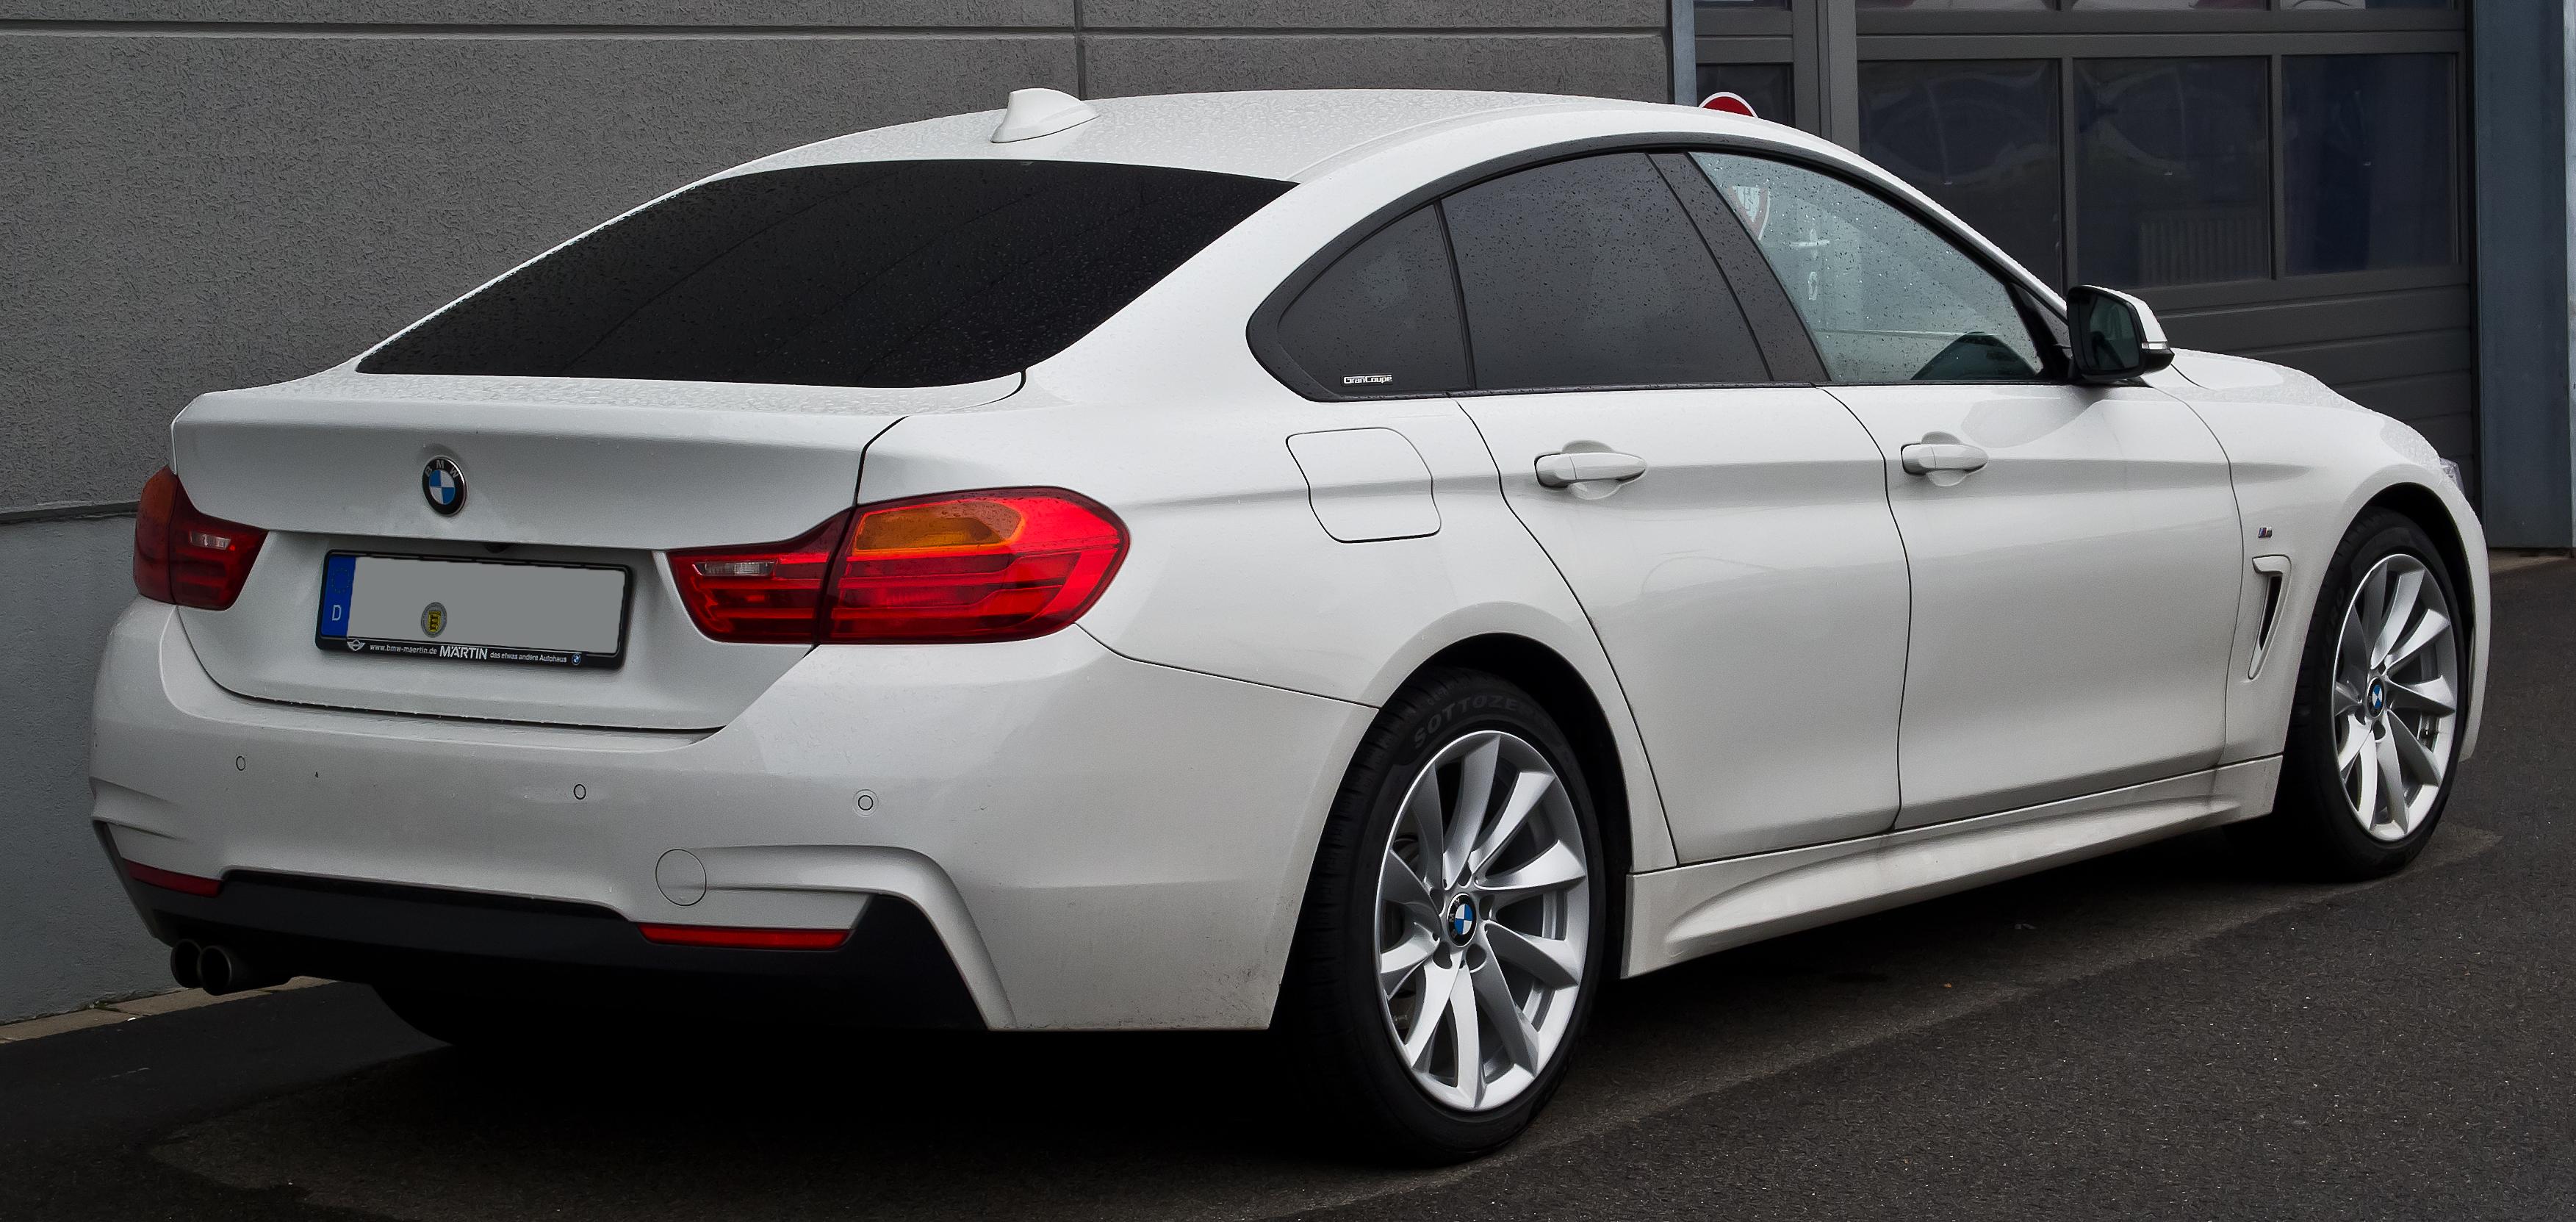 Six best new BMW models